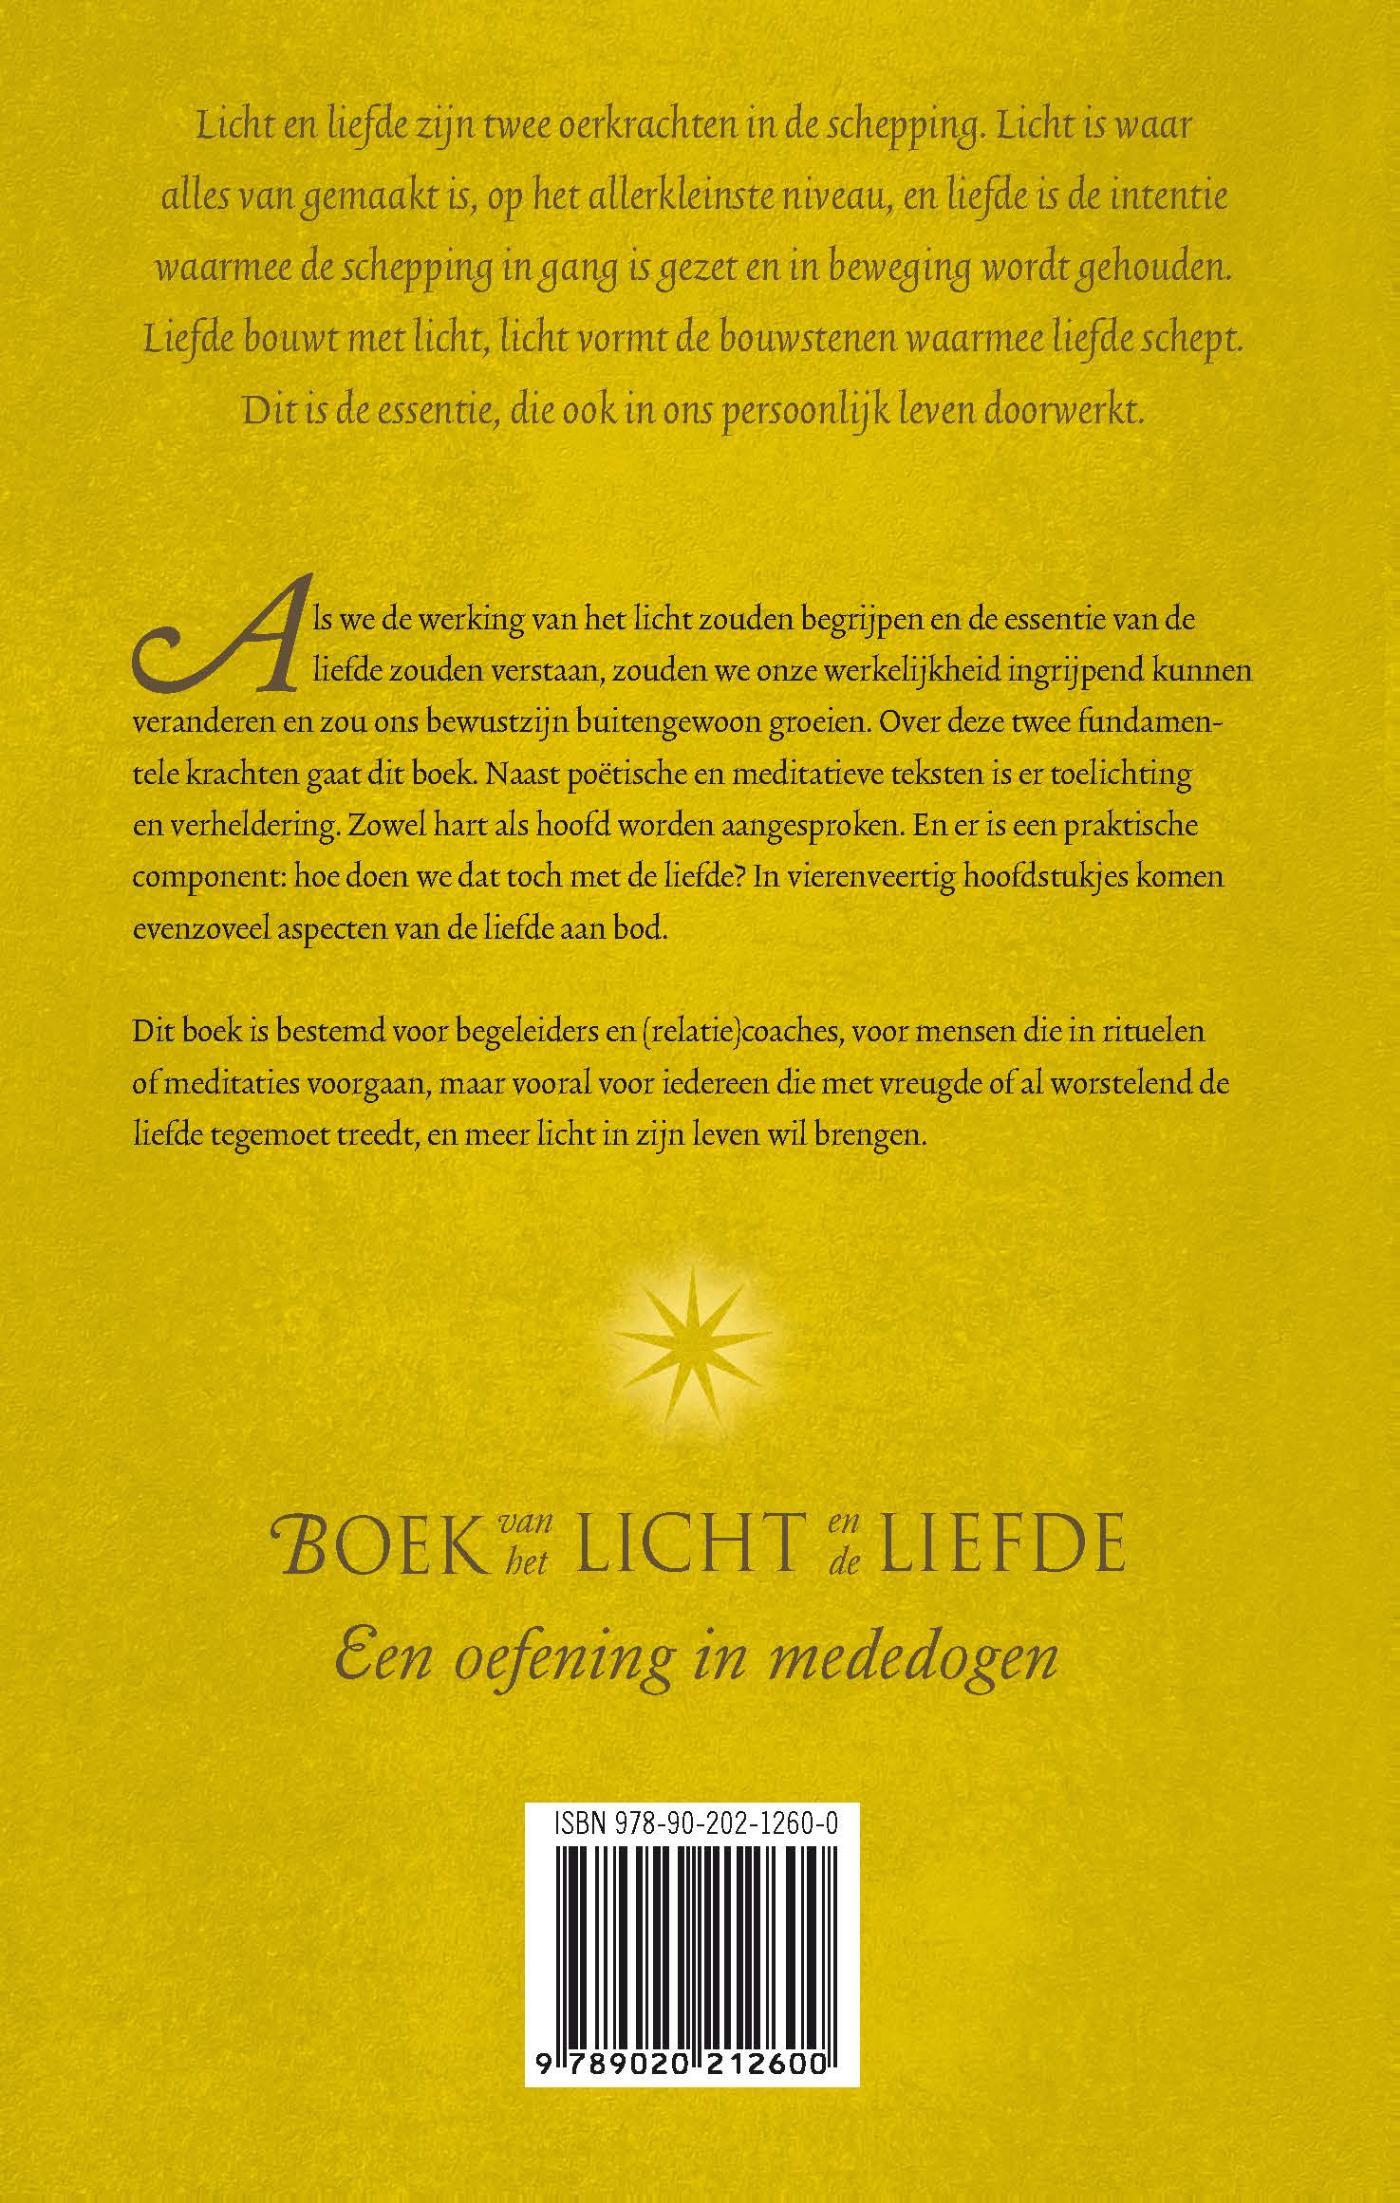 Boek van het licht en de liefde